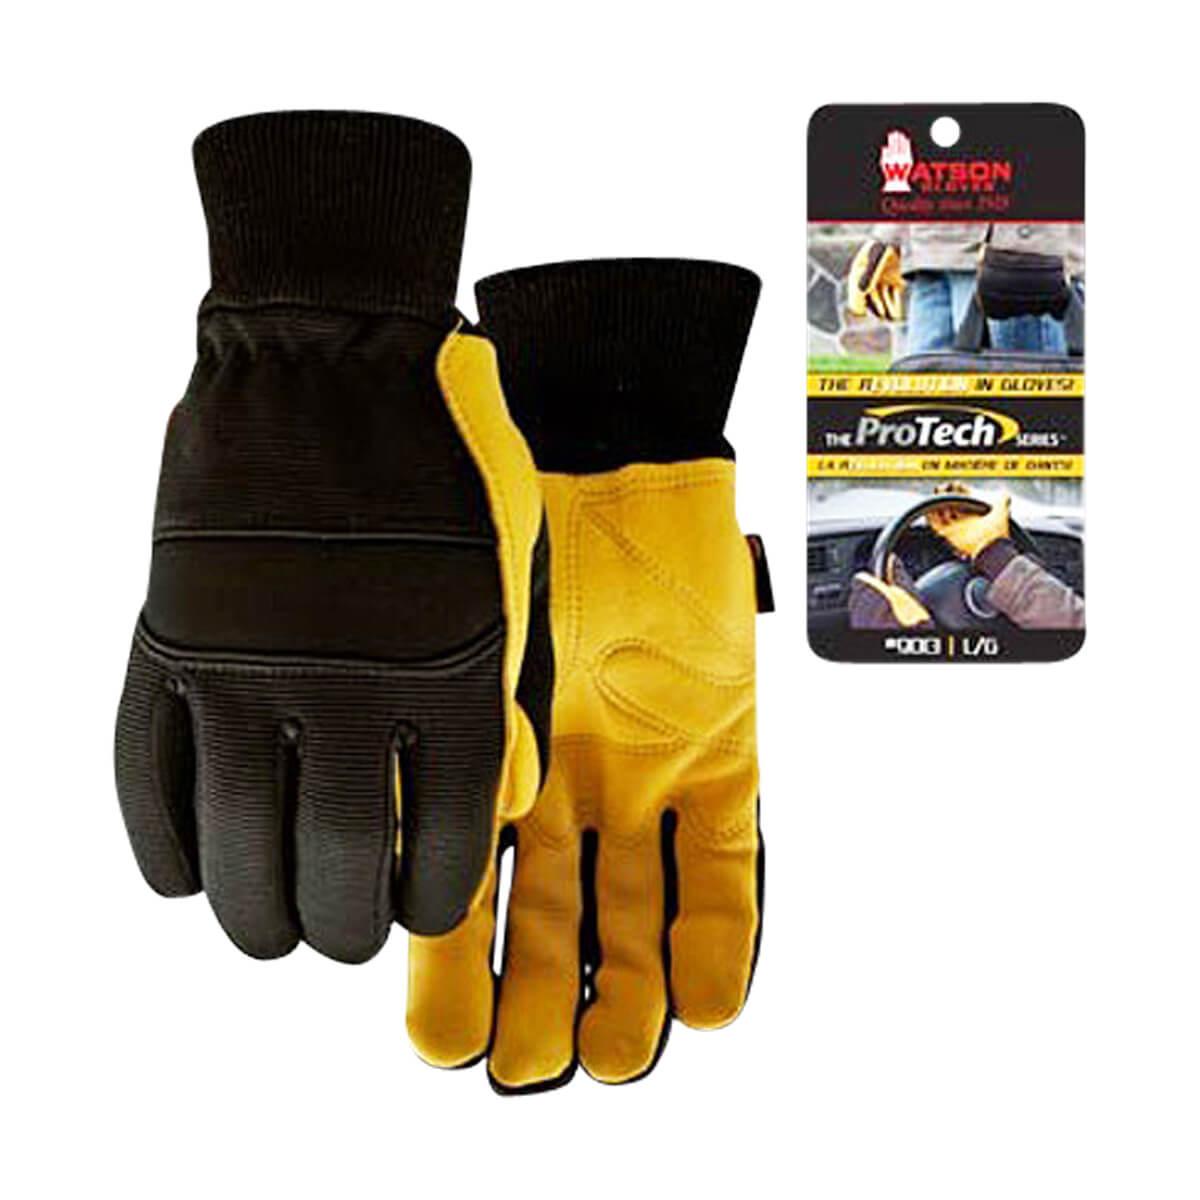 Protech Knit Wrist Gloves